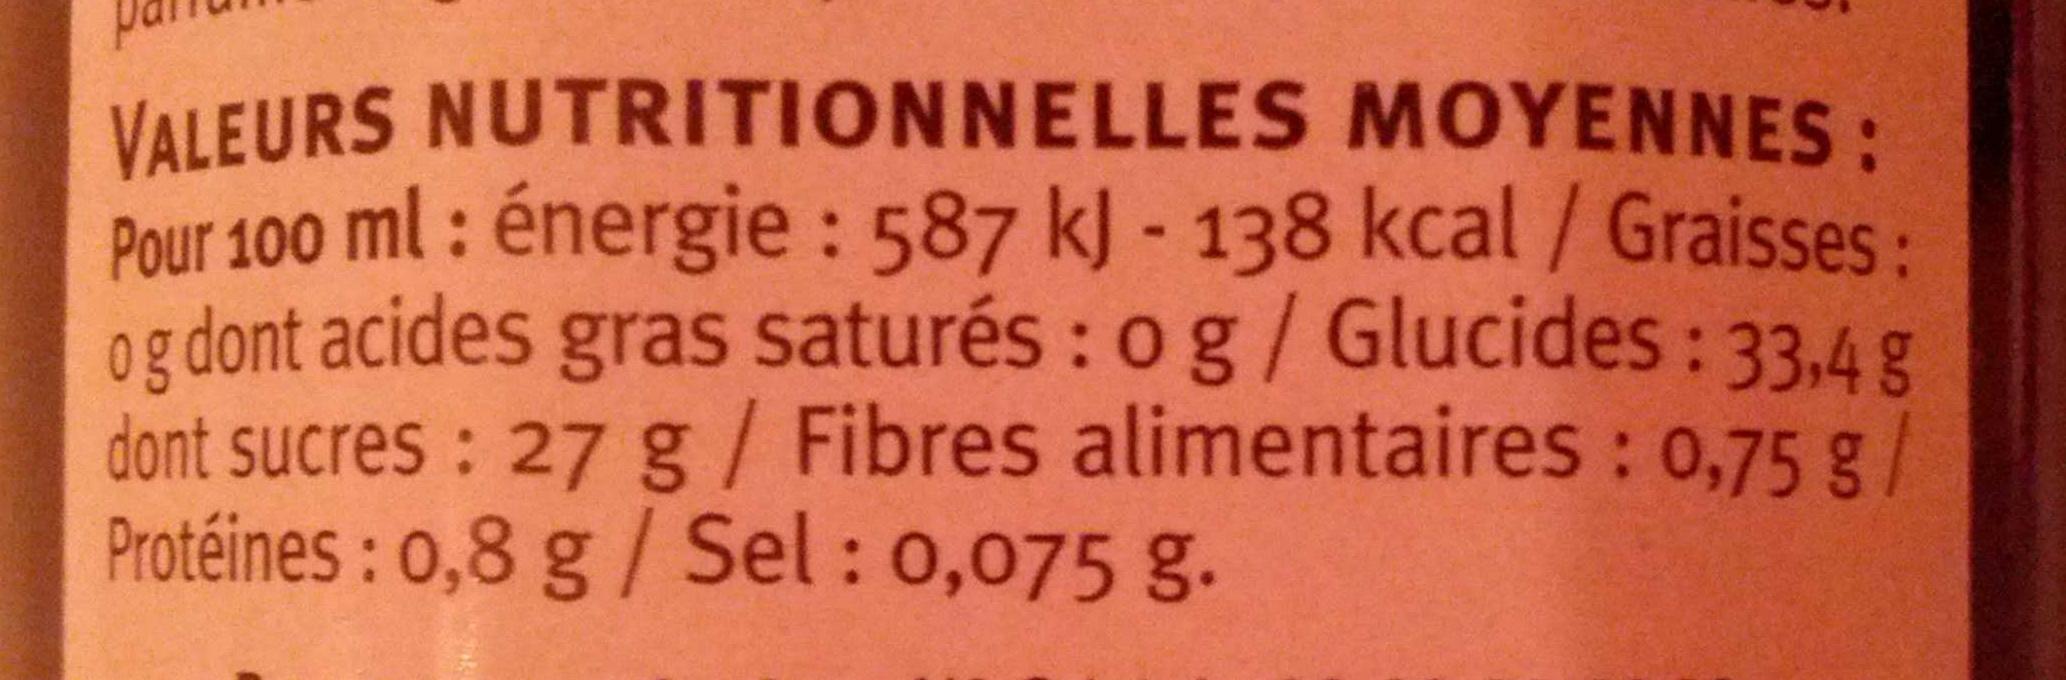 Vinaigre balsamique u saveurs 50 cl - Vinaigre balsamique calorie ...